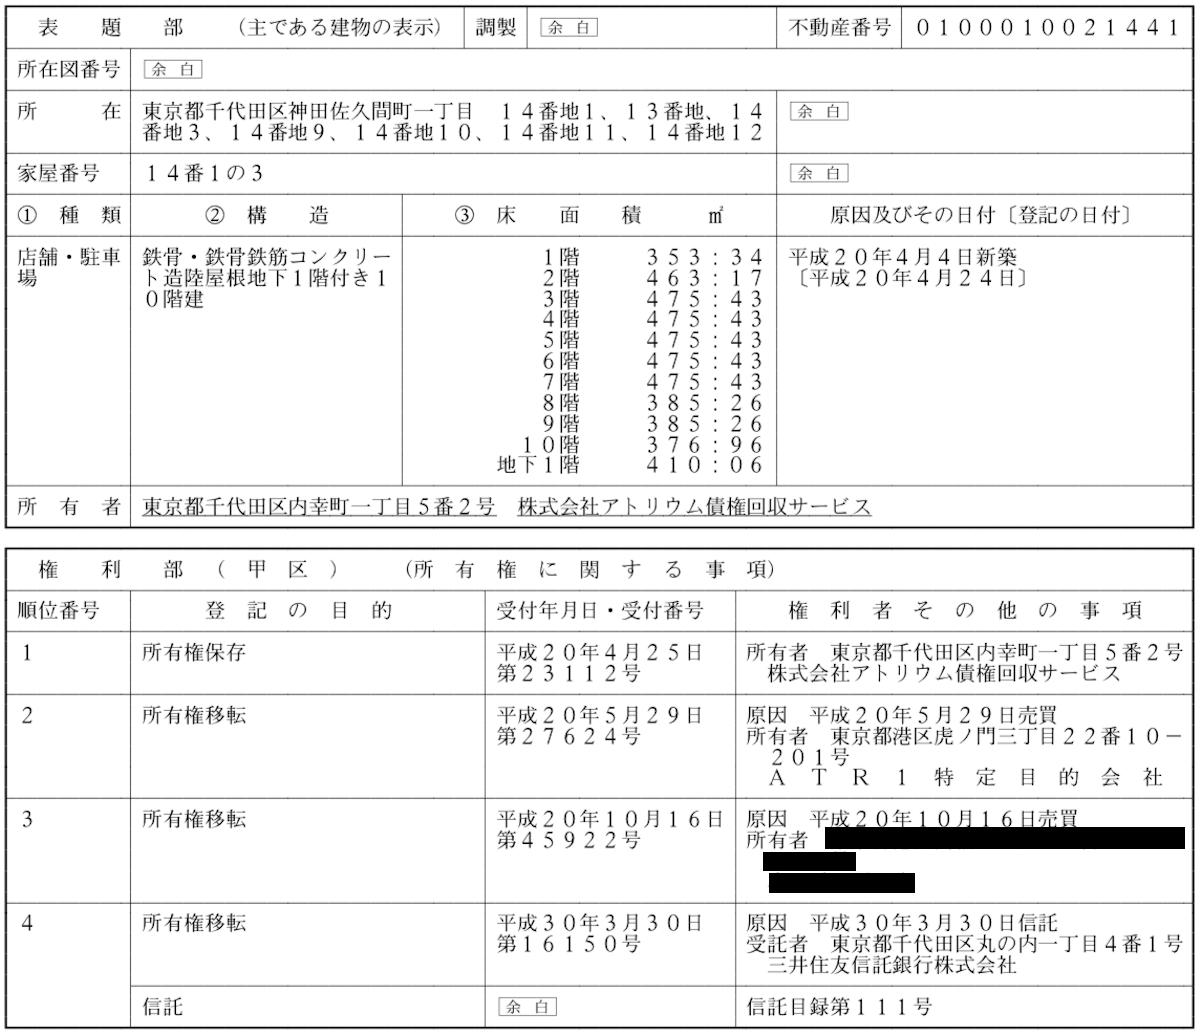 信託登記の例